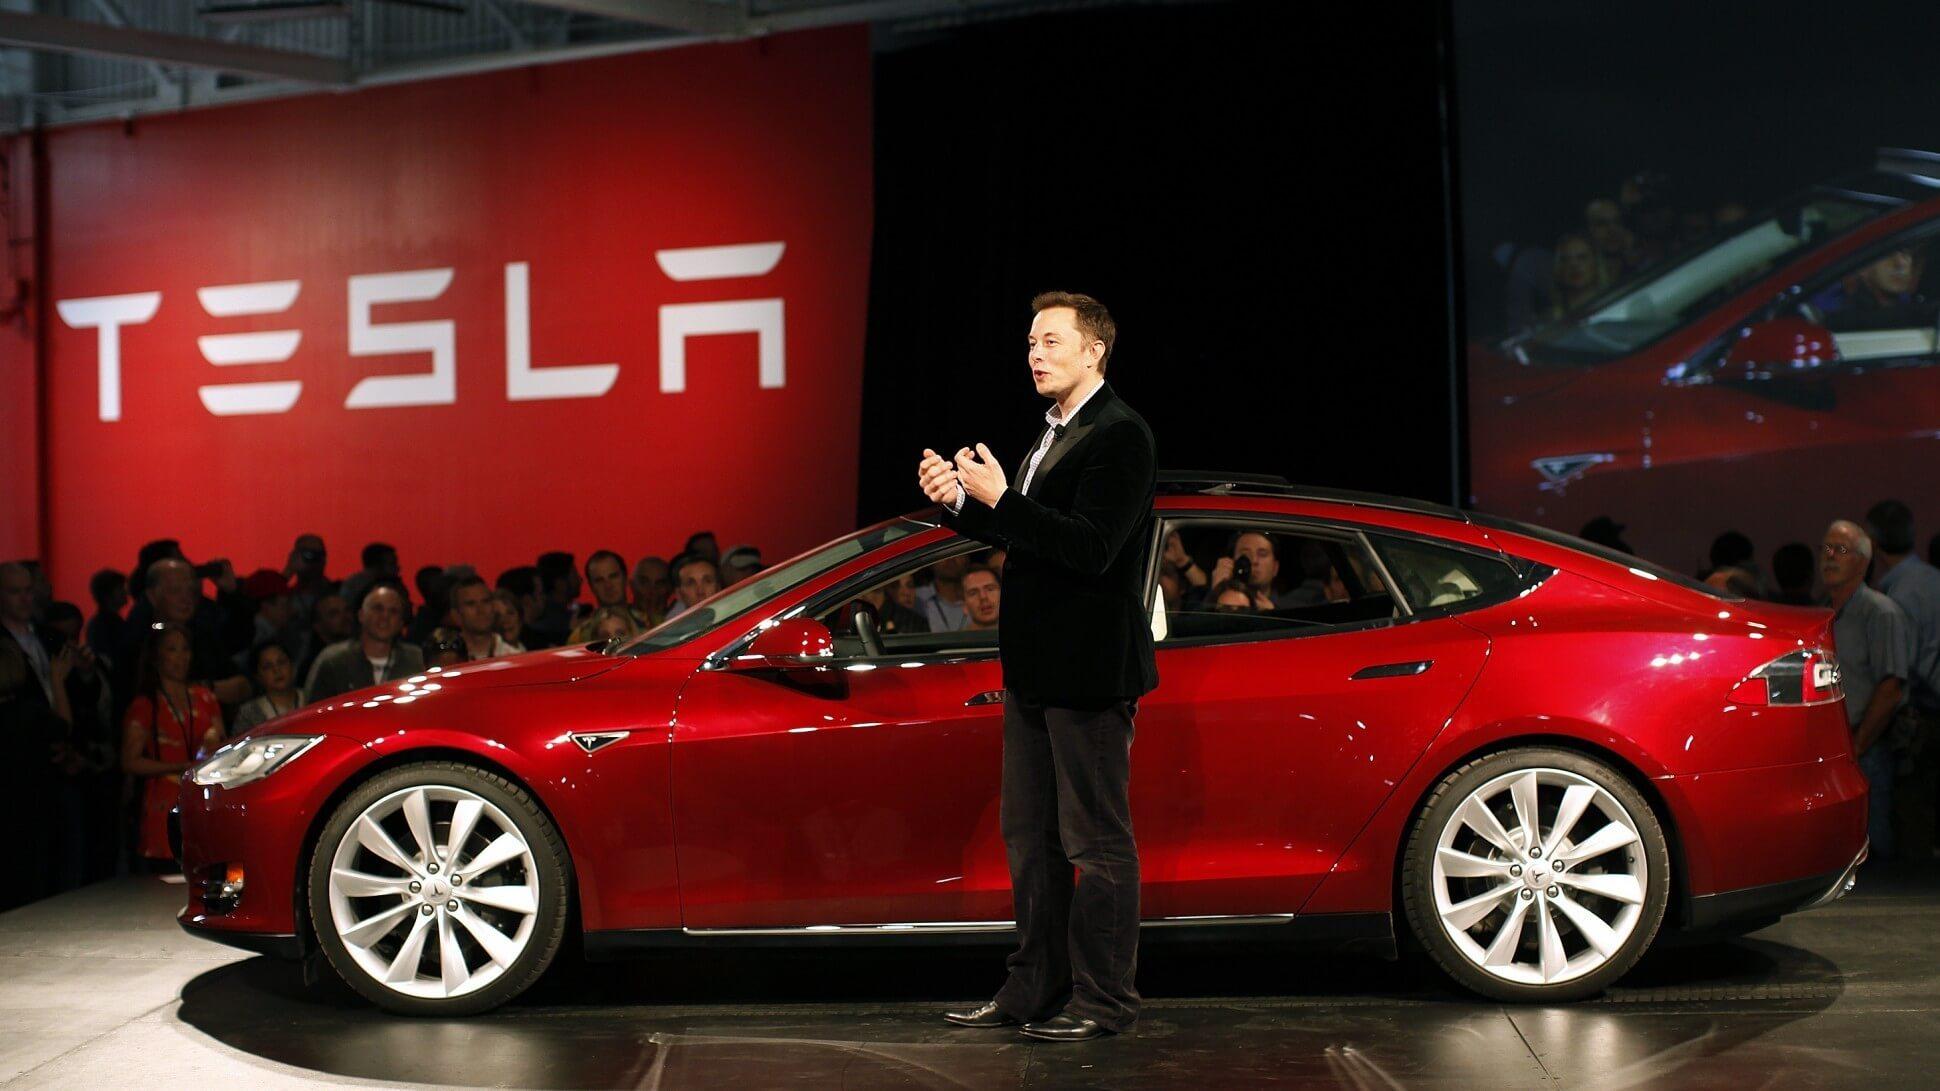 """10 bí mật trong công thức thành công của """"tỷ phú ngông"""" Elon Musk - 4"""